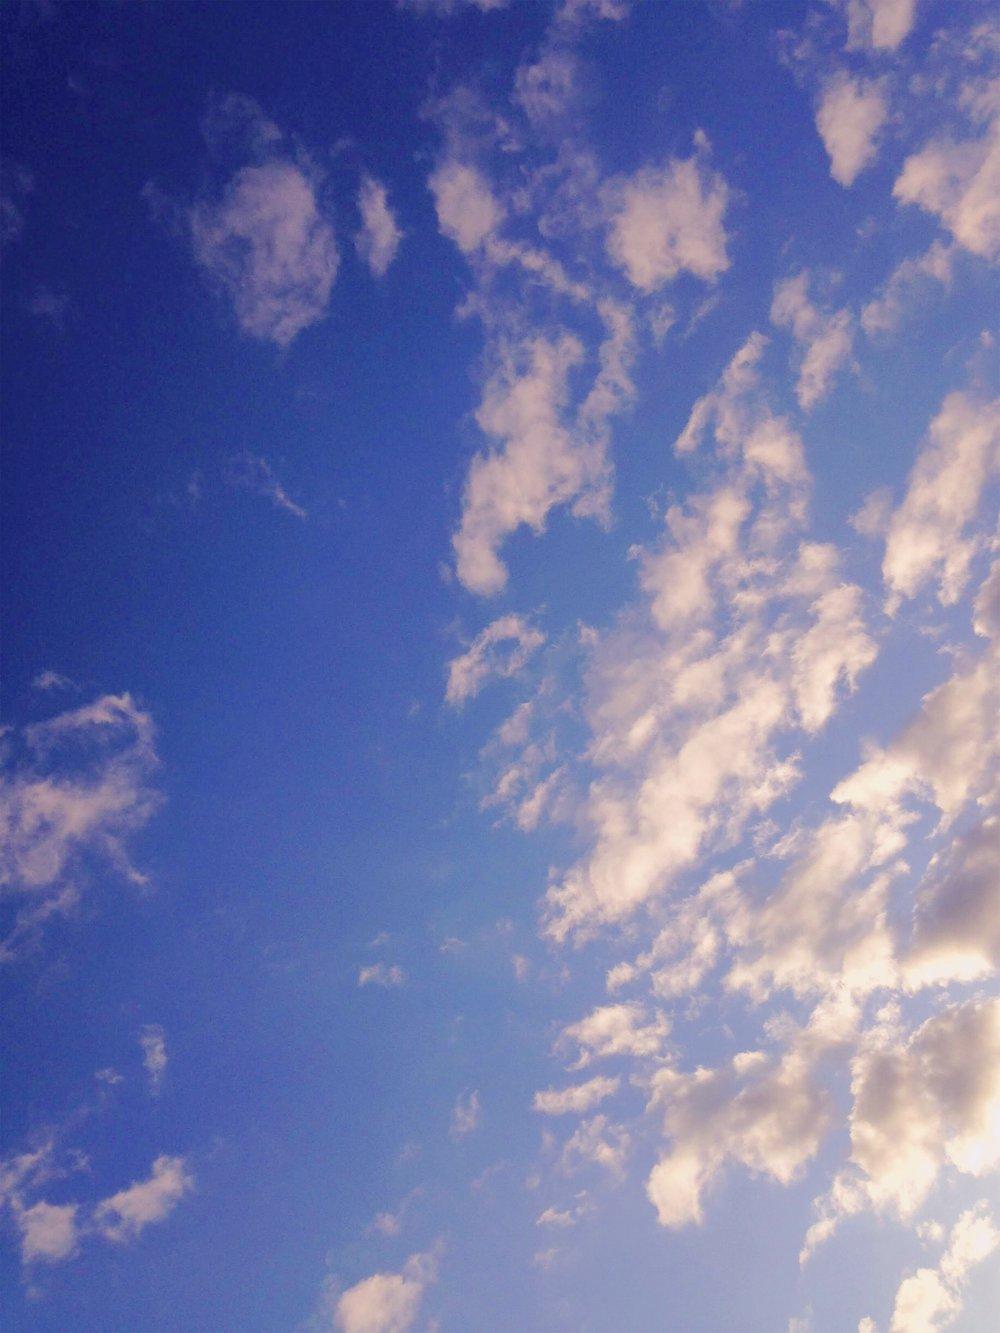 sky-clouds.jpg